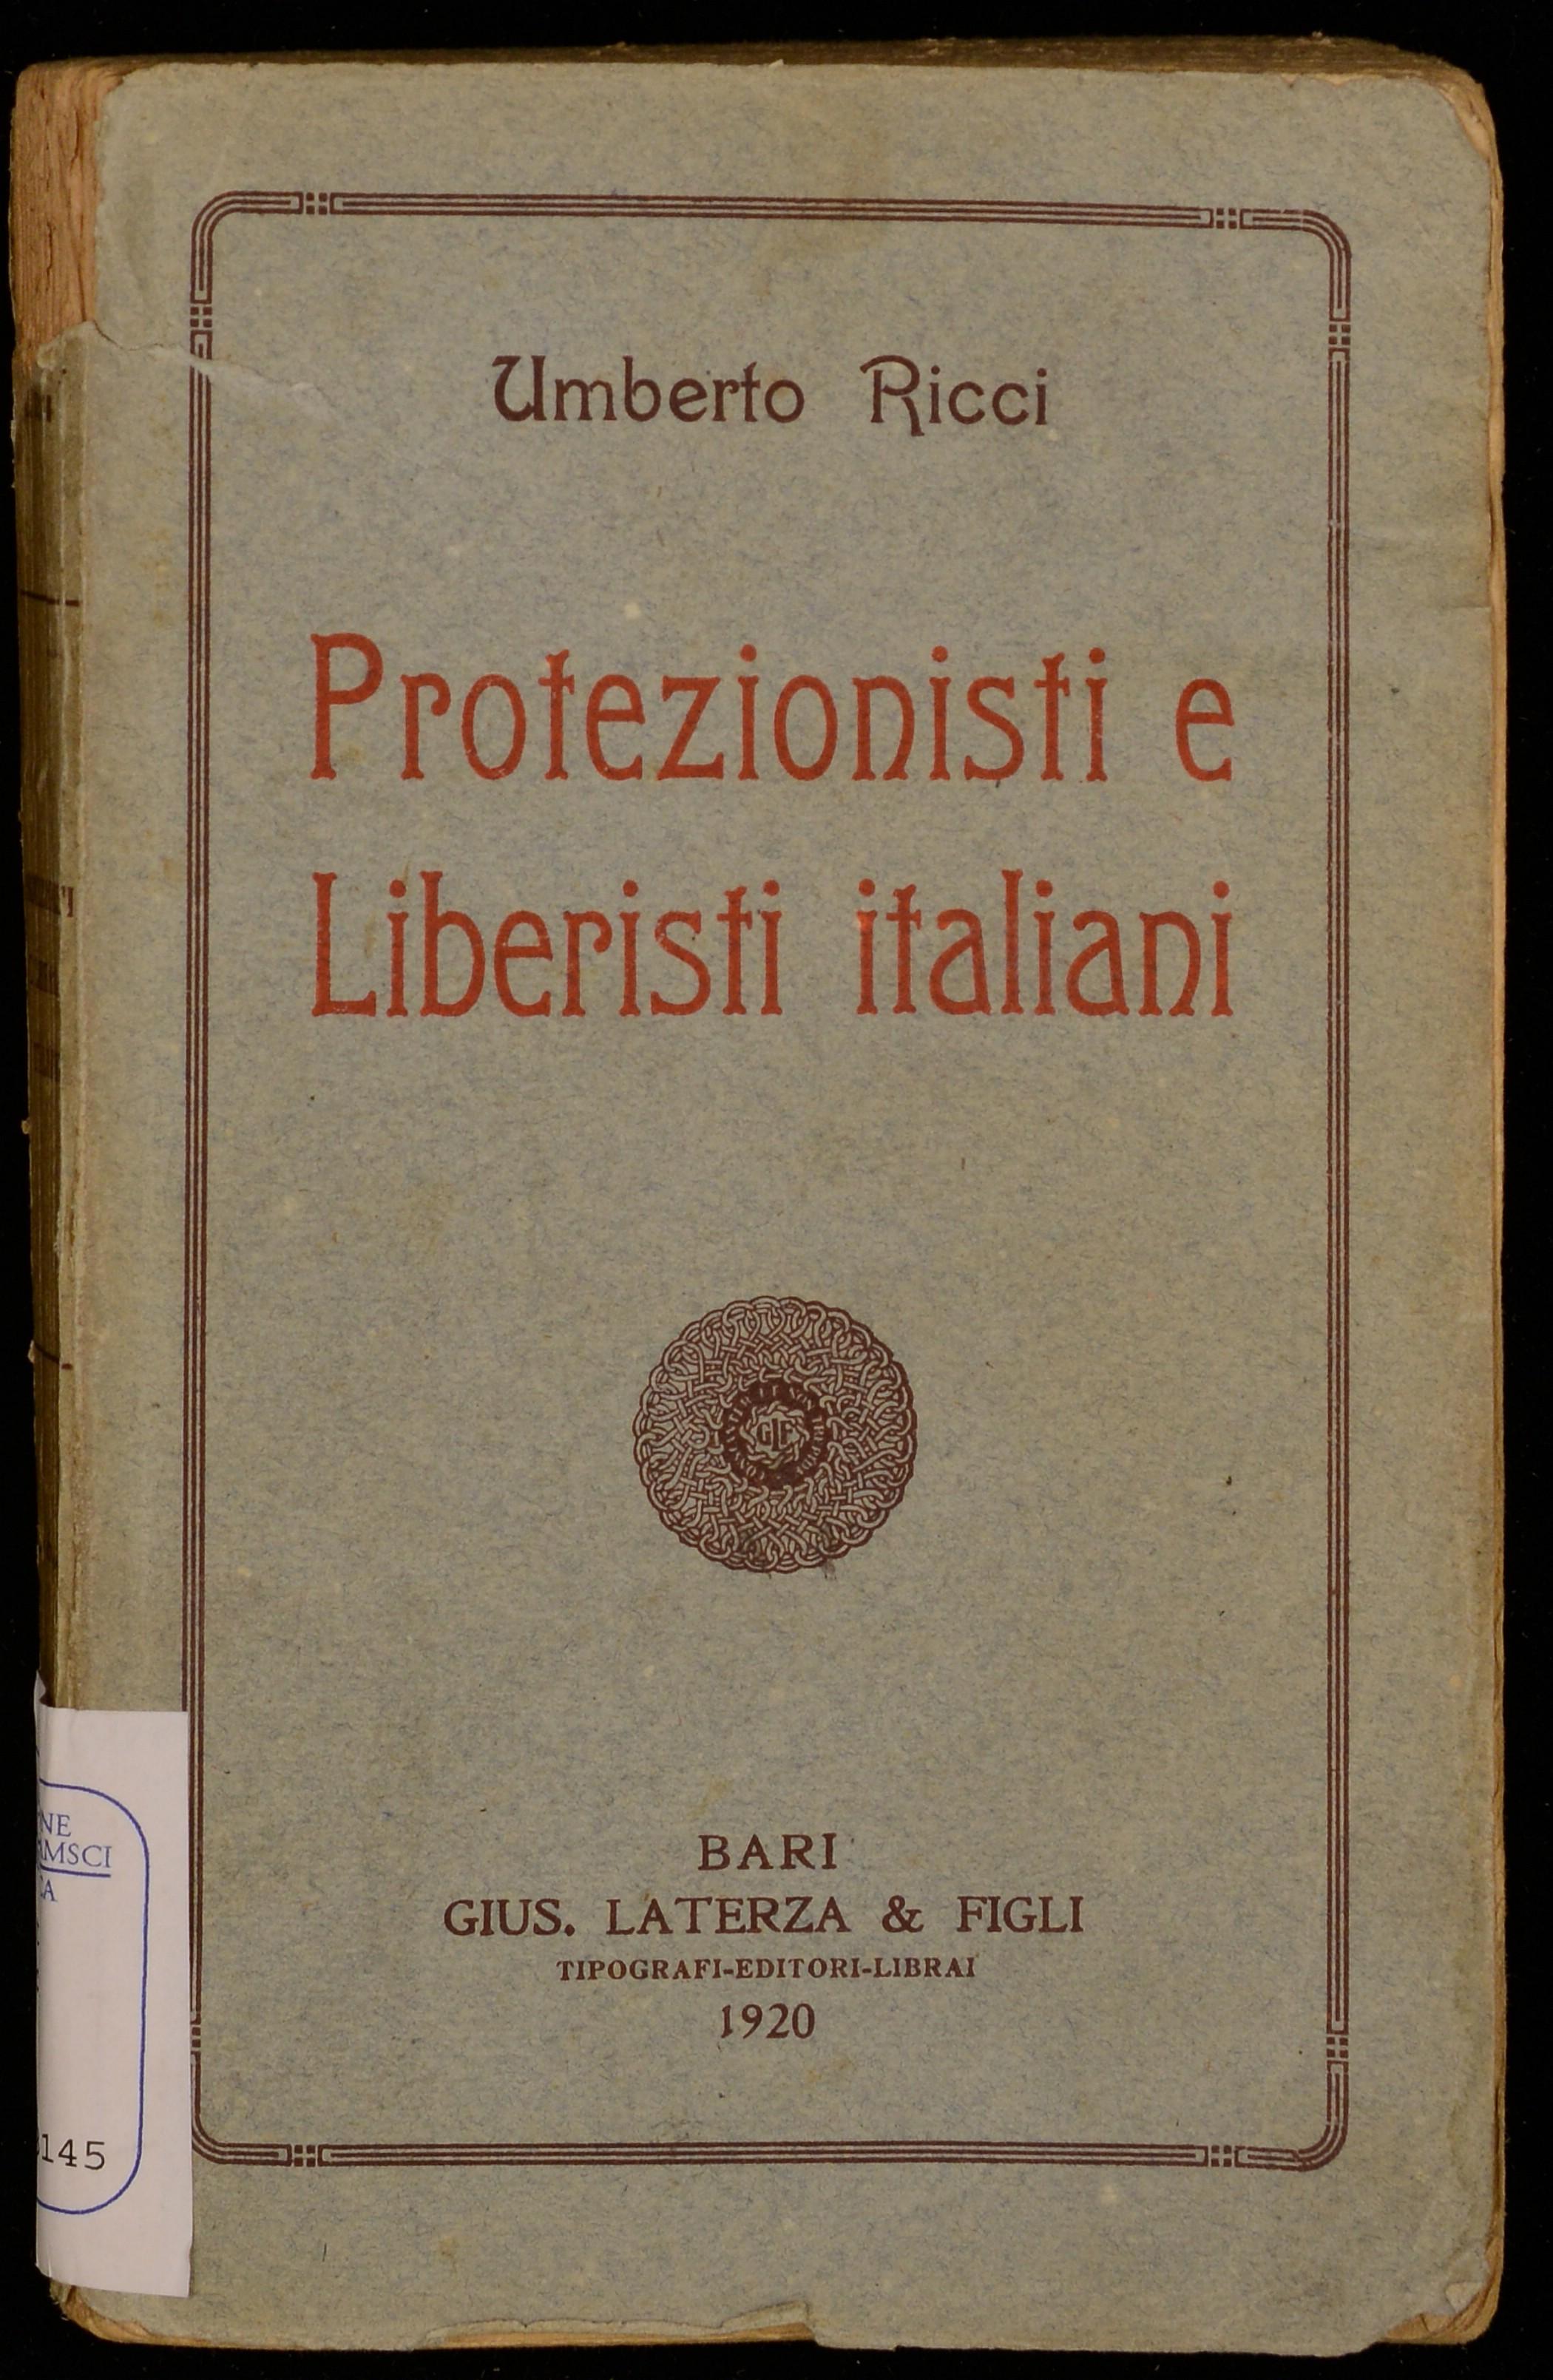 Protezionisti e liberisti italiani